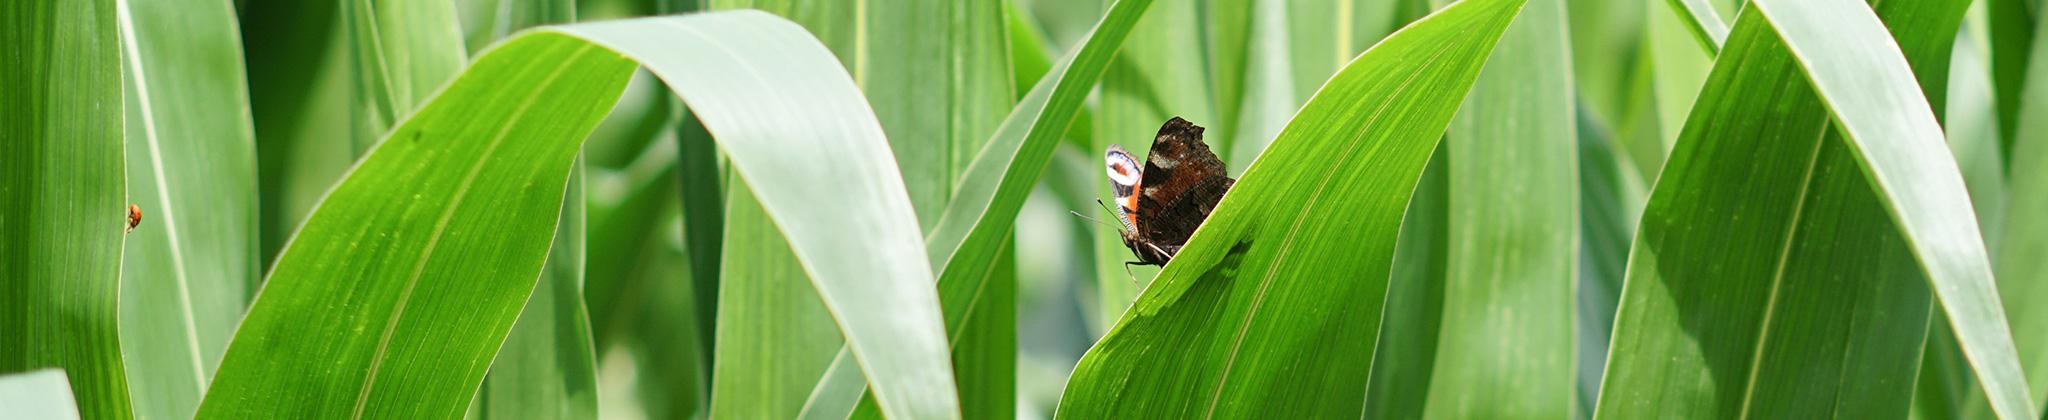 Papillon Lur Innov